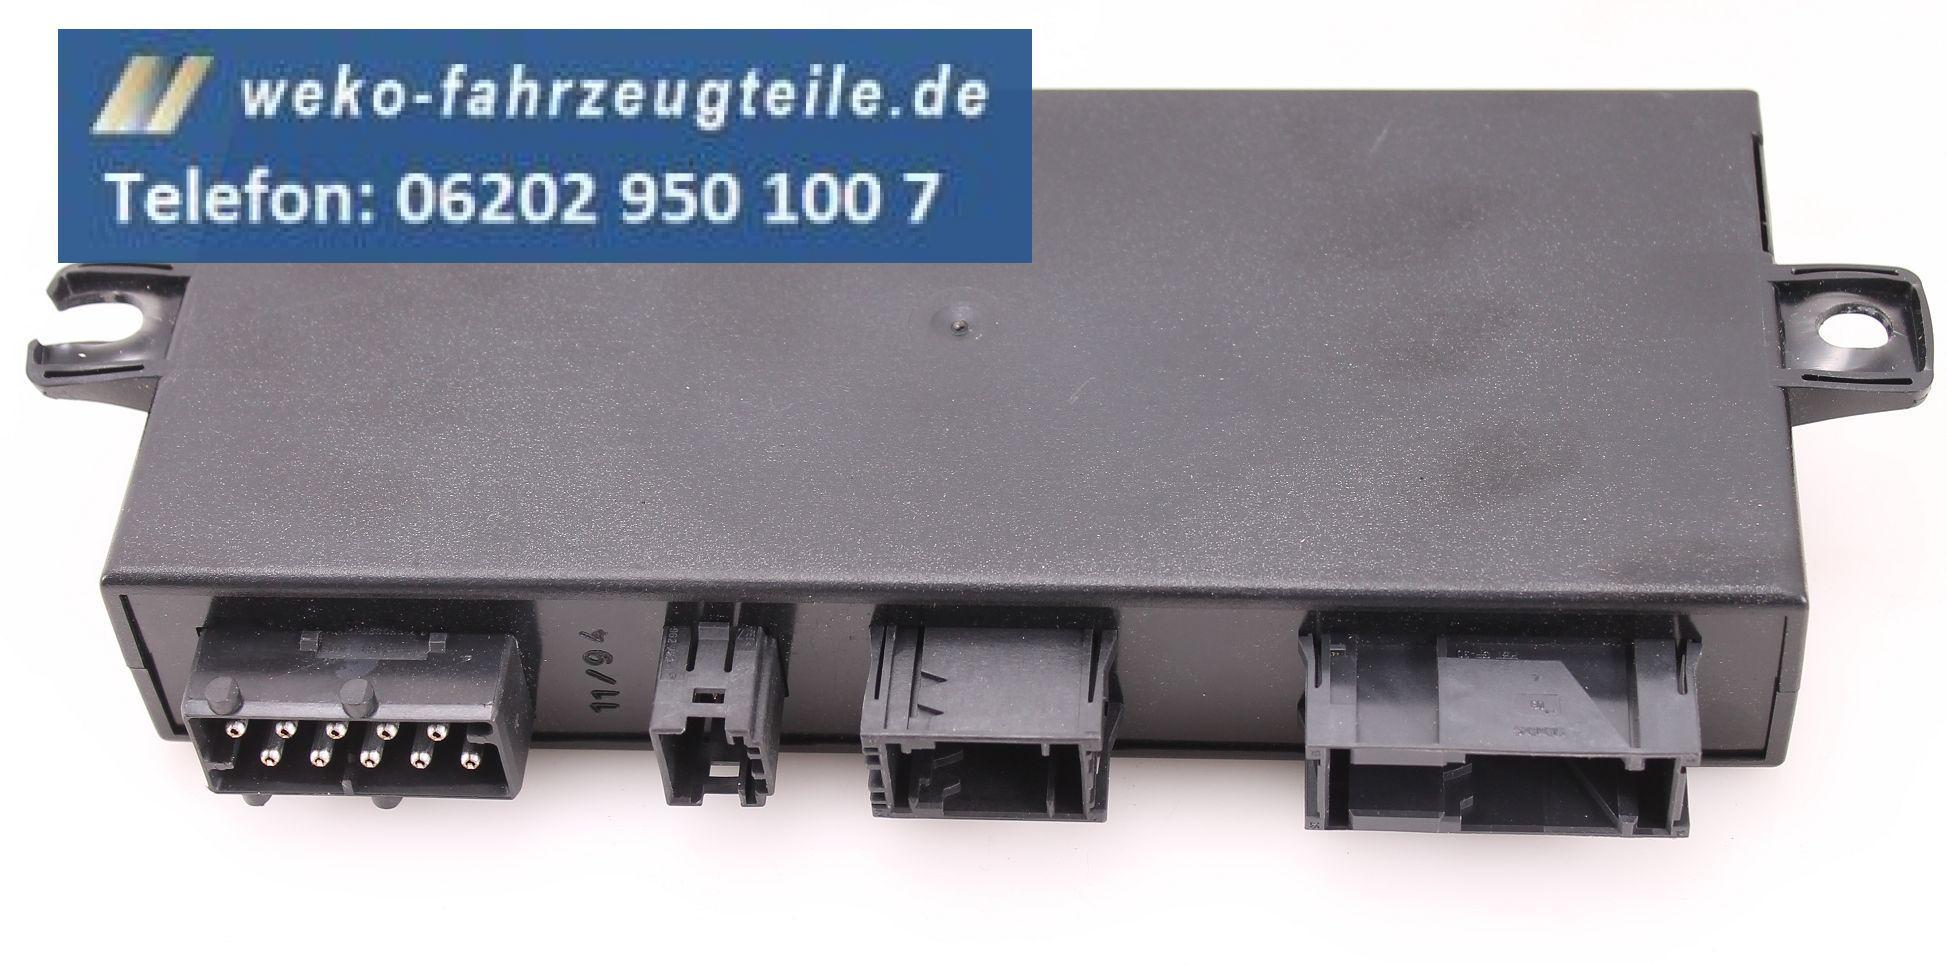 Bmw 3er e36 cabrio verdeckmodul steuerger t teilelektrisch for Weko offnungszeiten